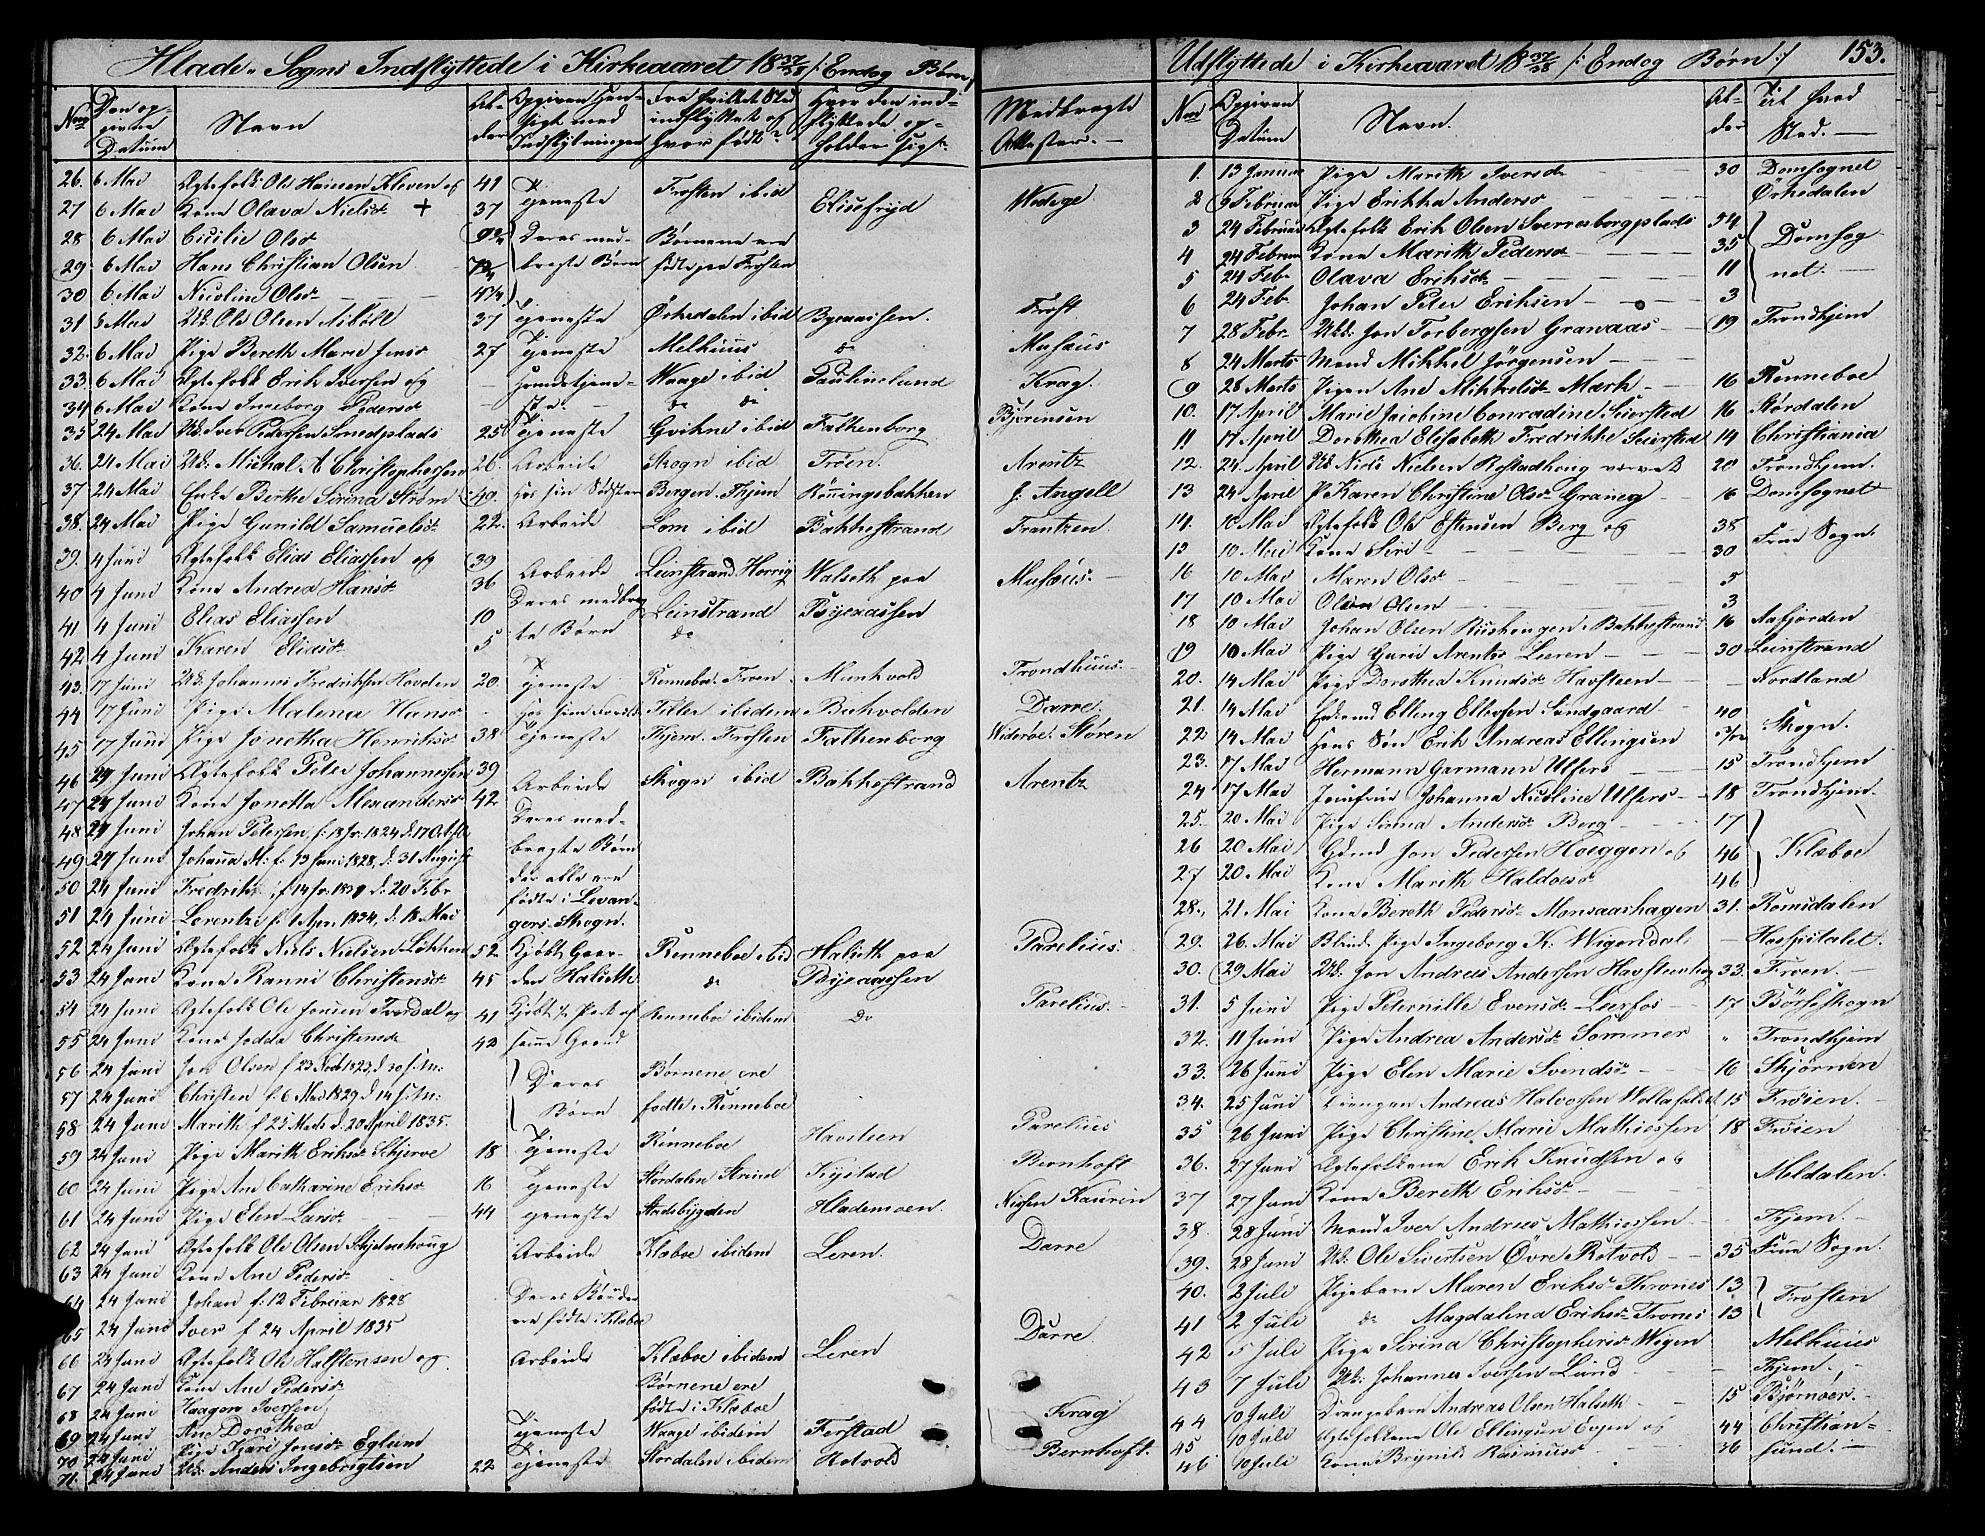 SAT, Ministerialprotokoller, klokkerbøker og fødselsregistre - Sør-Trøndelag, 606/L0308: Klokkerbok nr. 606C04, 1829-1840, s. 153